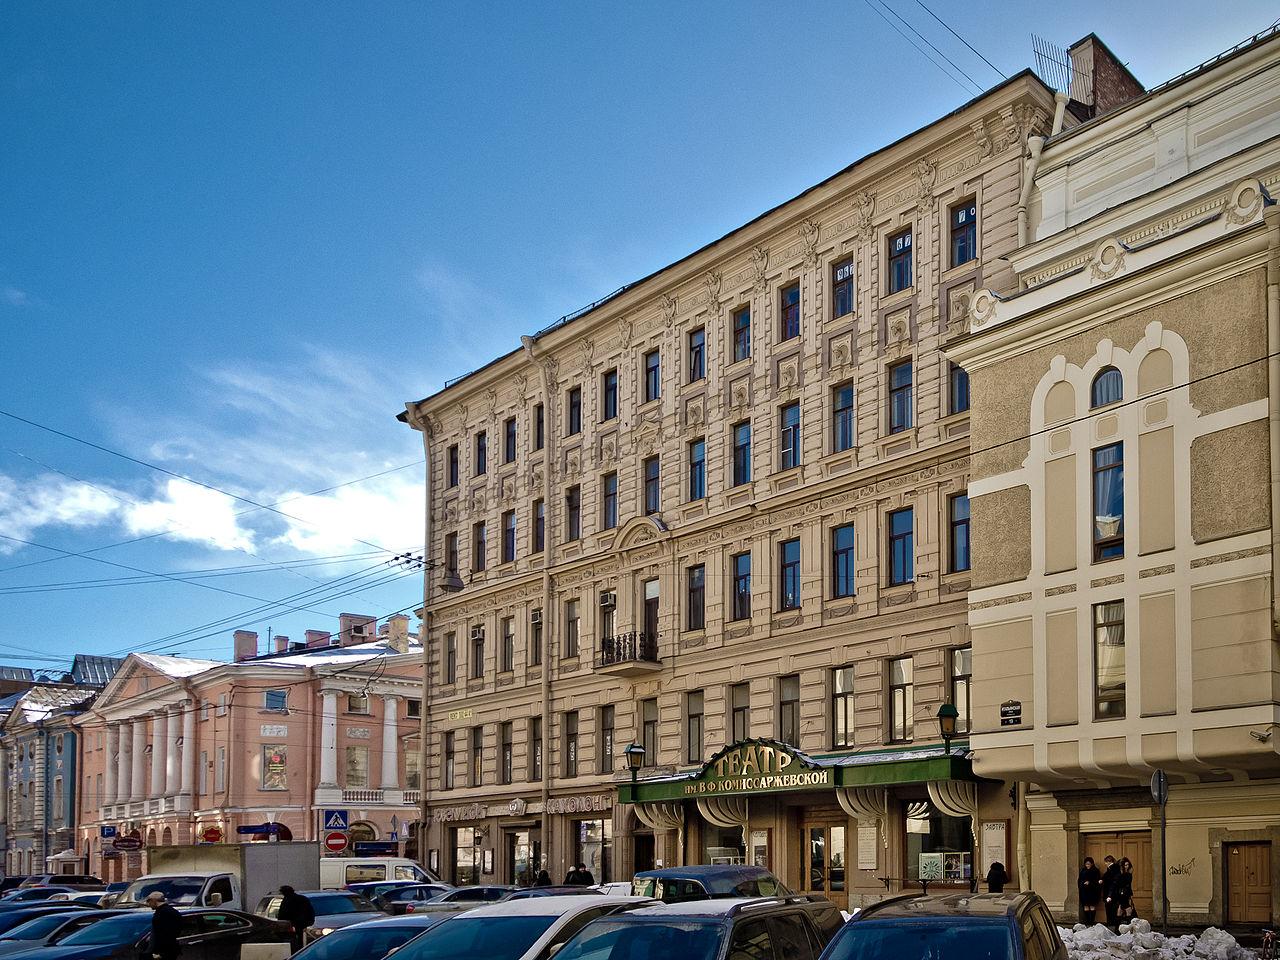 Академический драматический театр имени Комиссаржевской. Фото: Florstein (Wikimedia Commons)